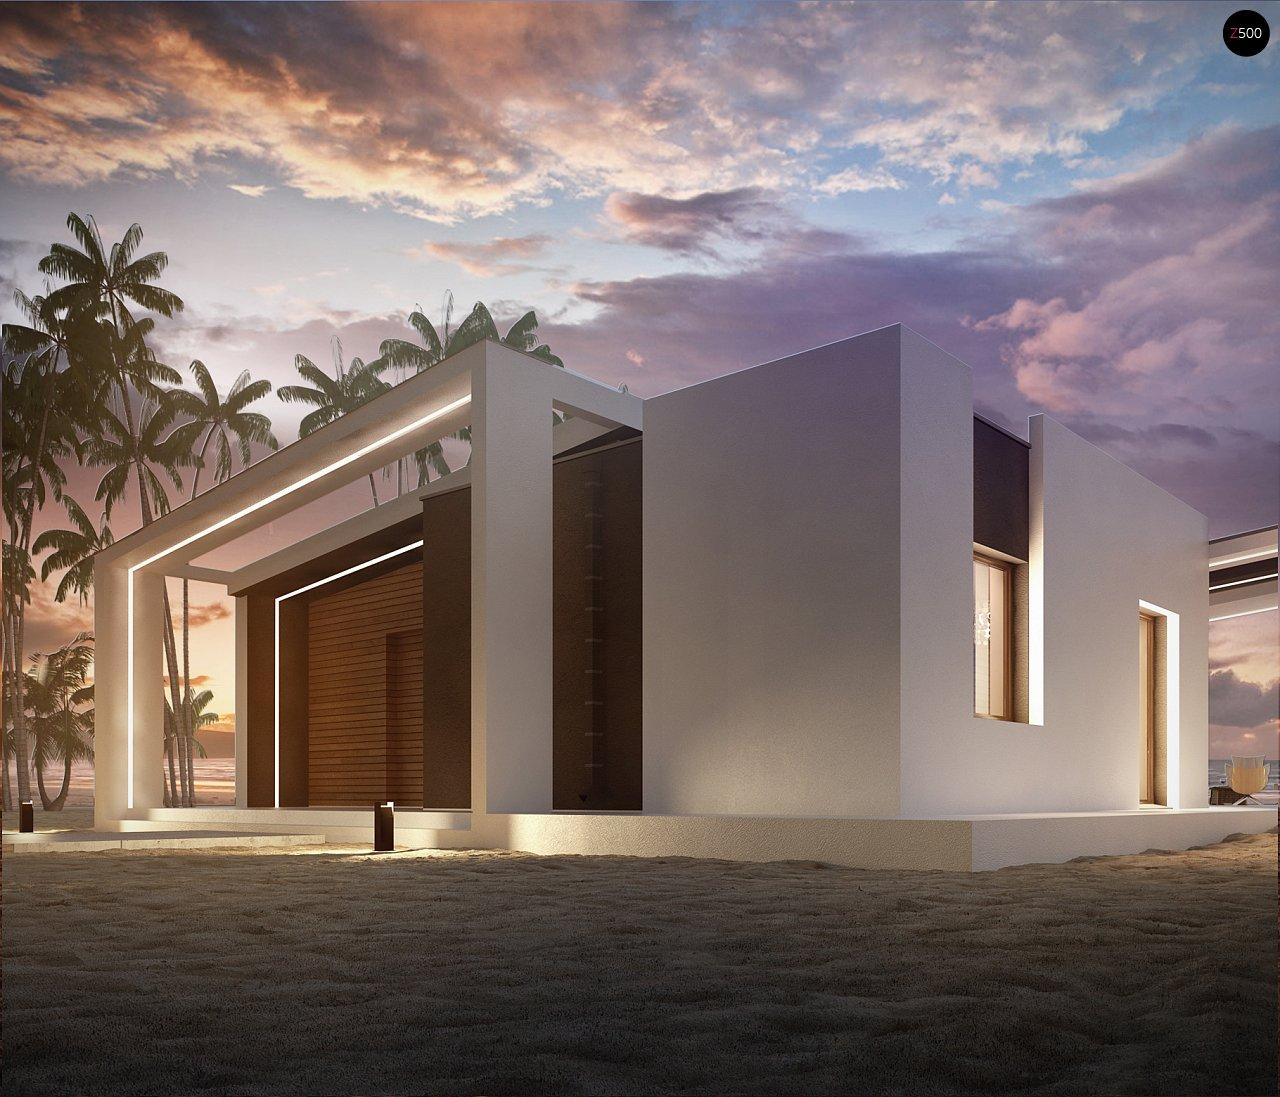 Современный и функциональный одноэтажный дом с уникальной архитектурной формой. 5